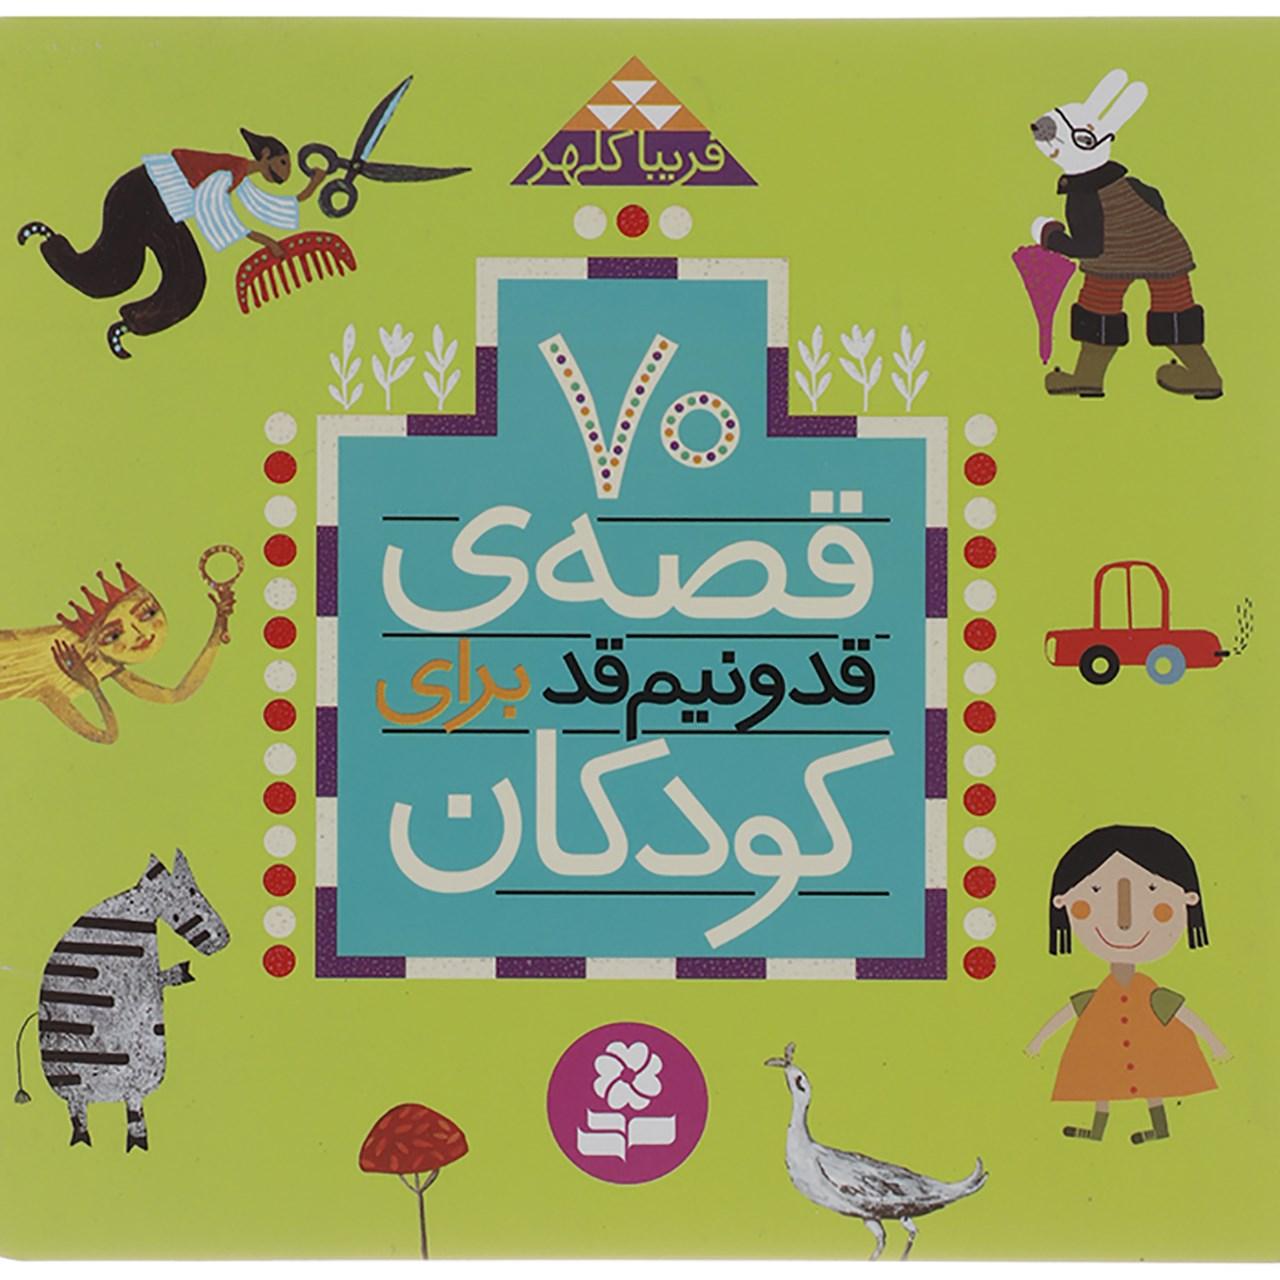 کتاب 70 قصه قد و نیم قد برای کودکان اثر فریبا کلهر